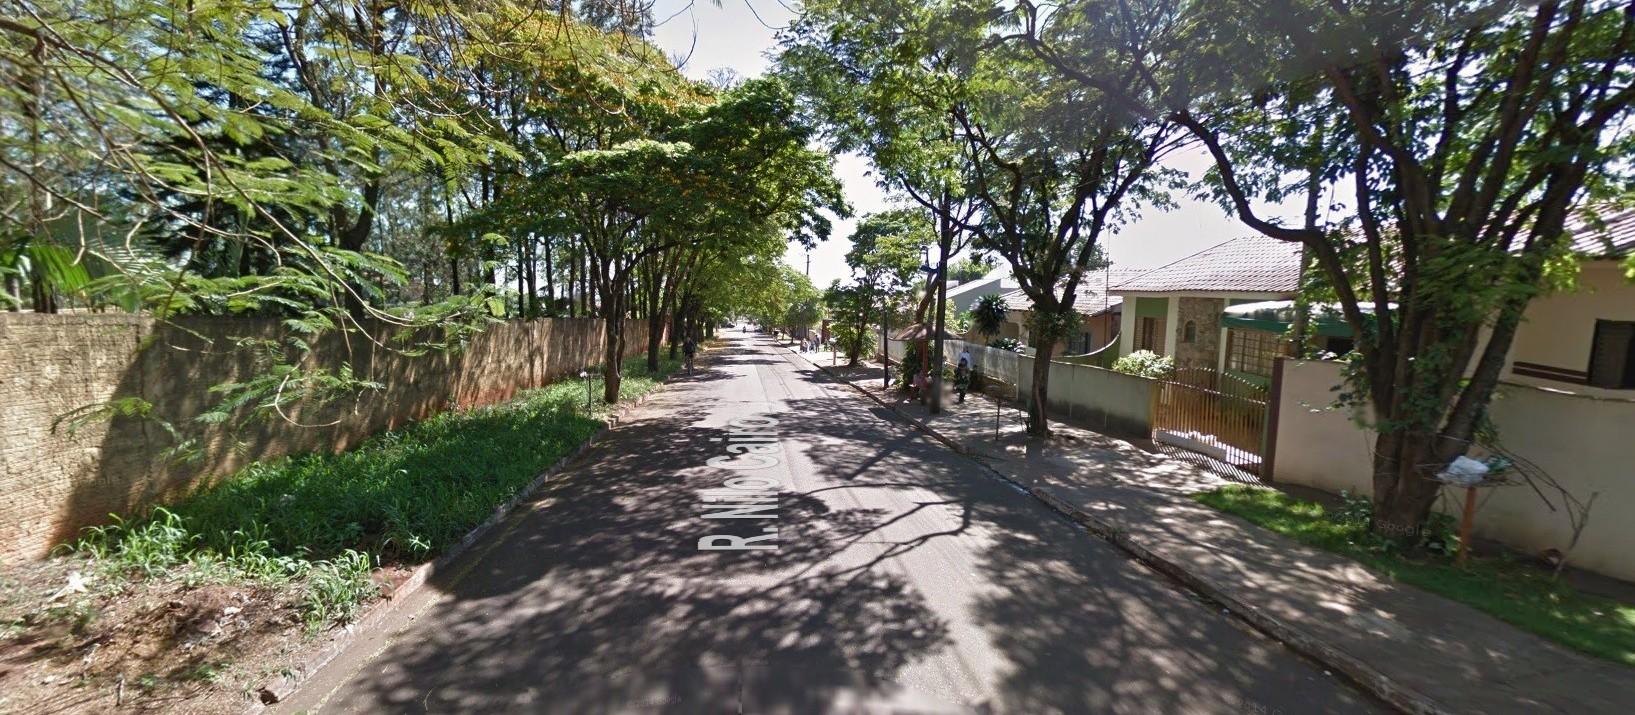 Prefeitura quer transformar ruas residenciais em comerciais em Maringá